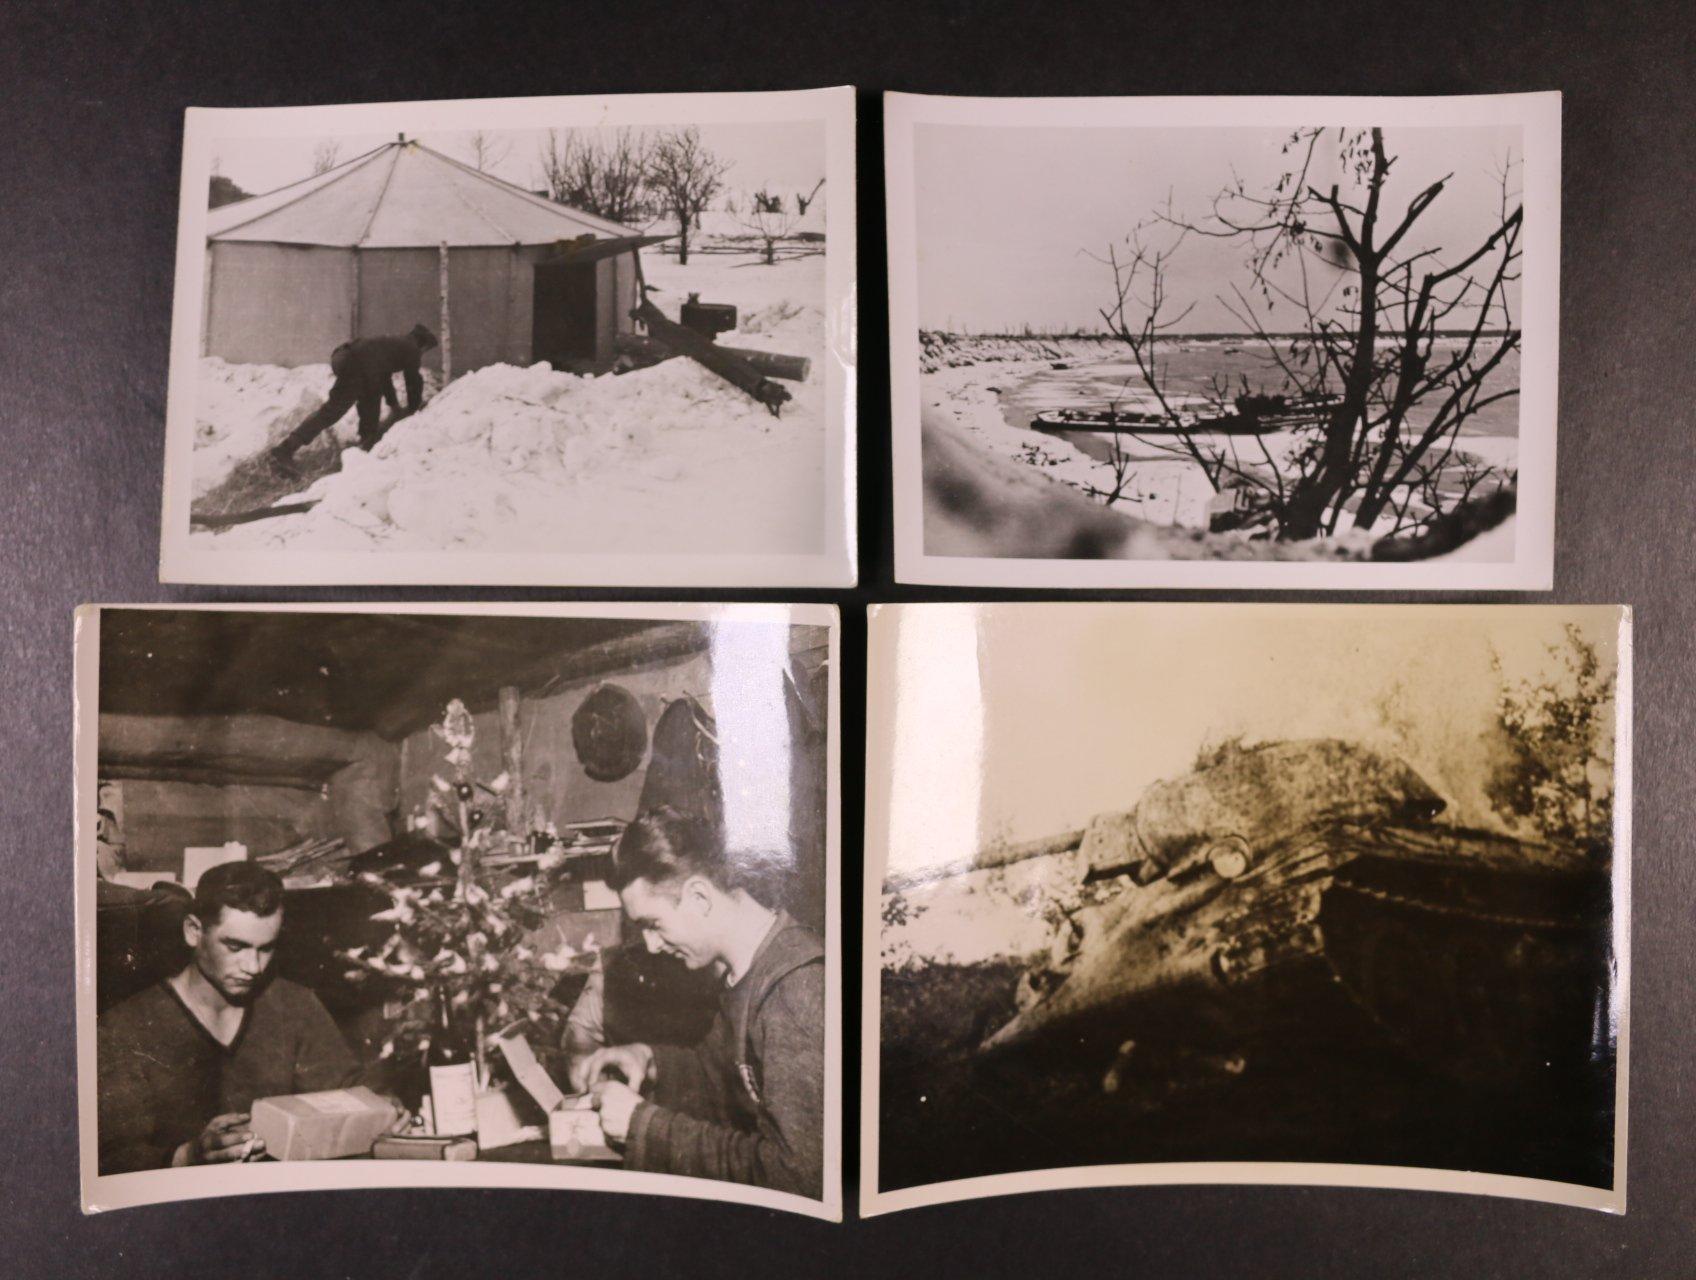 sestava 32 ks fotografií z II. svět. války s popisy, zajímavé